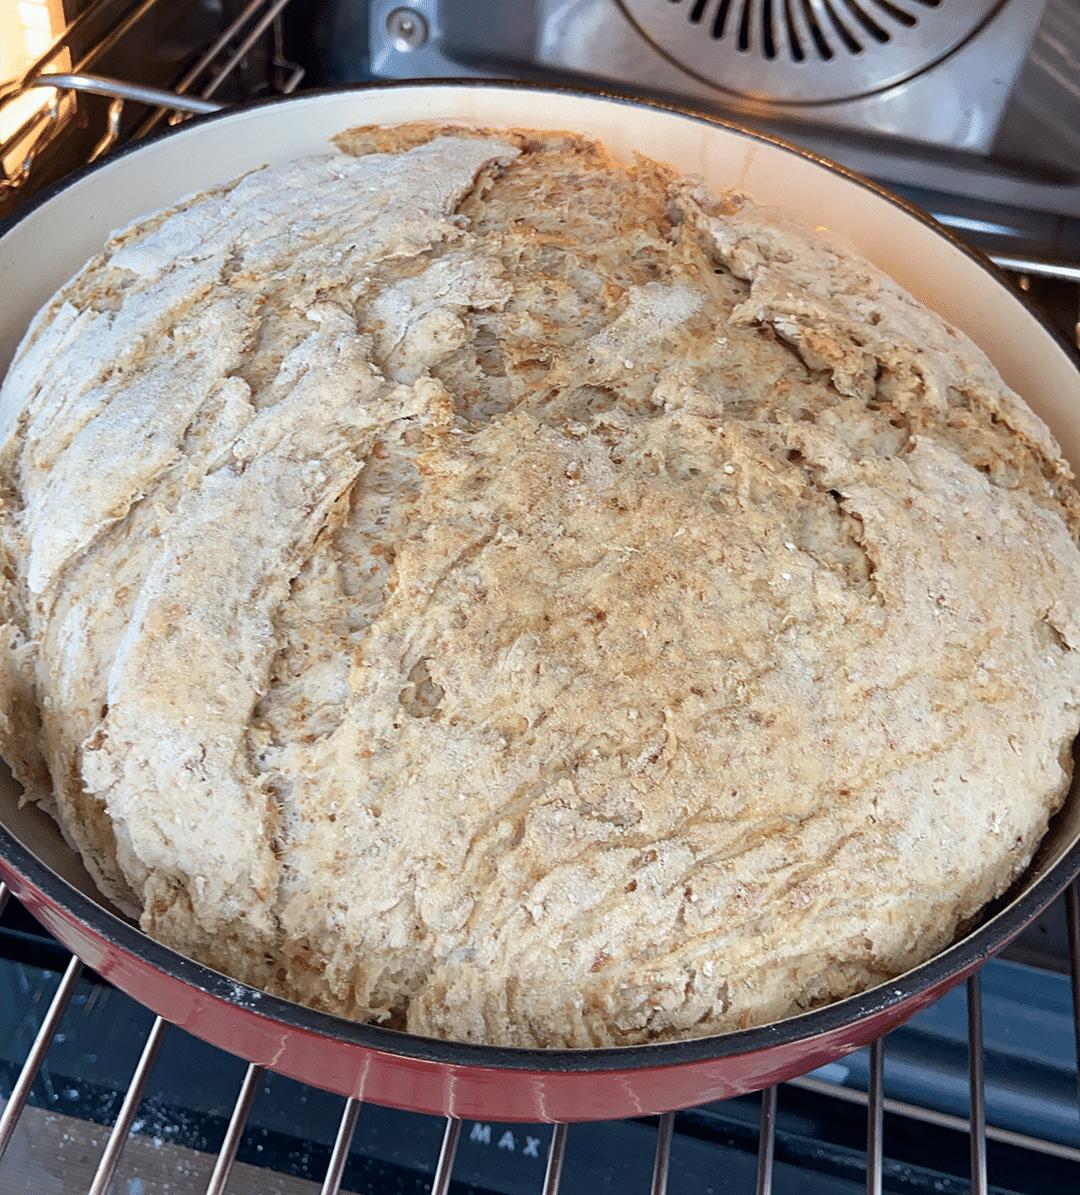 Le pain cuit en cocotte à la fin de la cuisson cocotte fermée avant le croutage